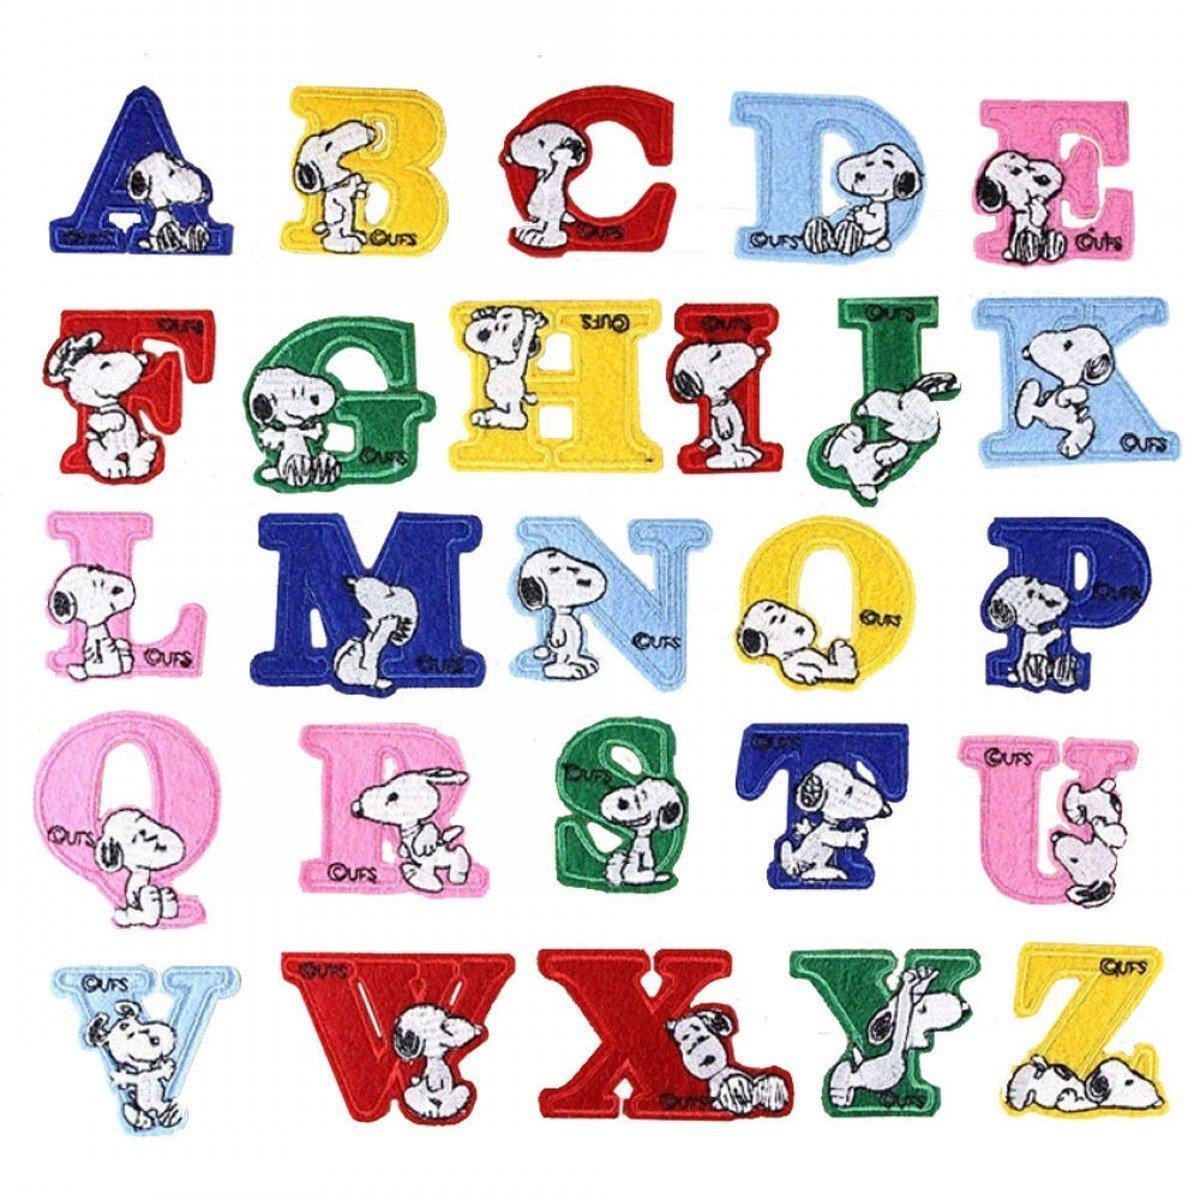 CHENGYIDA - 26 unidades de parches de Snoopy con las letras del alfabeto - Para planchar o coser en chaquetas, sombreros, vestidos, camisas - Accesorios de manualidades Ltd.